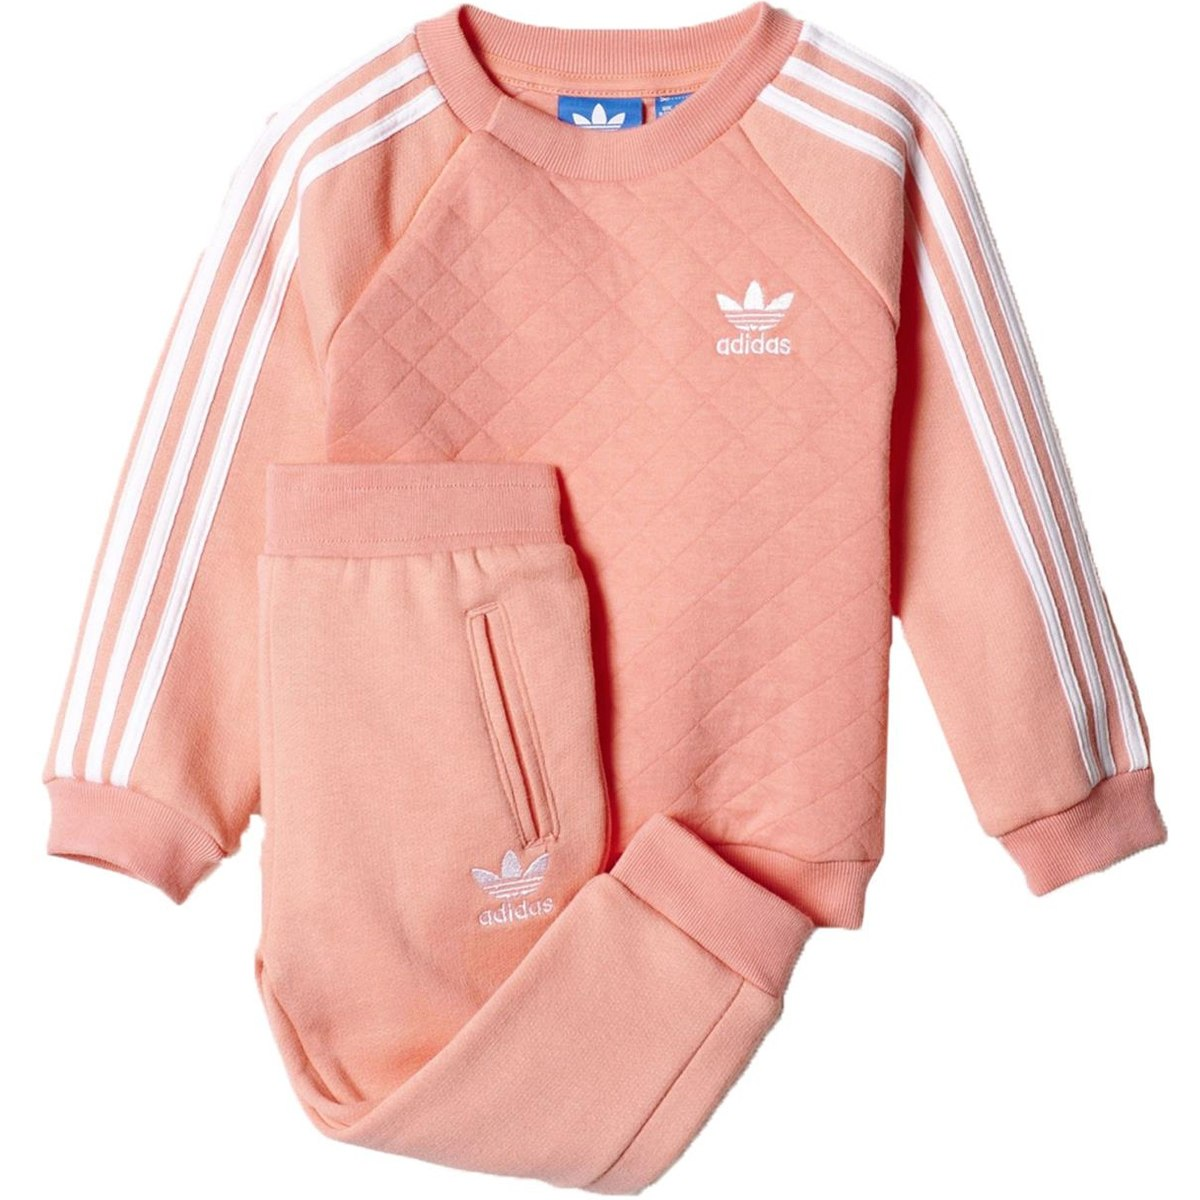 conjunto pants y sudadera originals niña bebe adidas s95958. Cargando zoom. 3dc9230df625